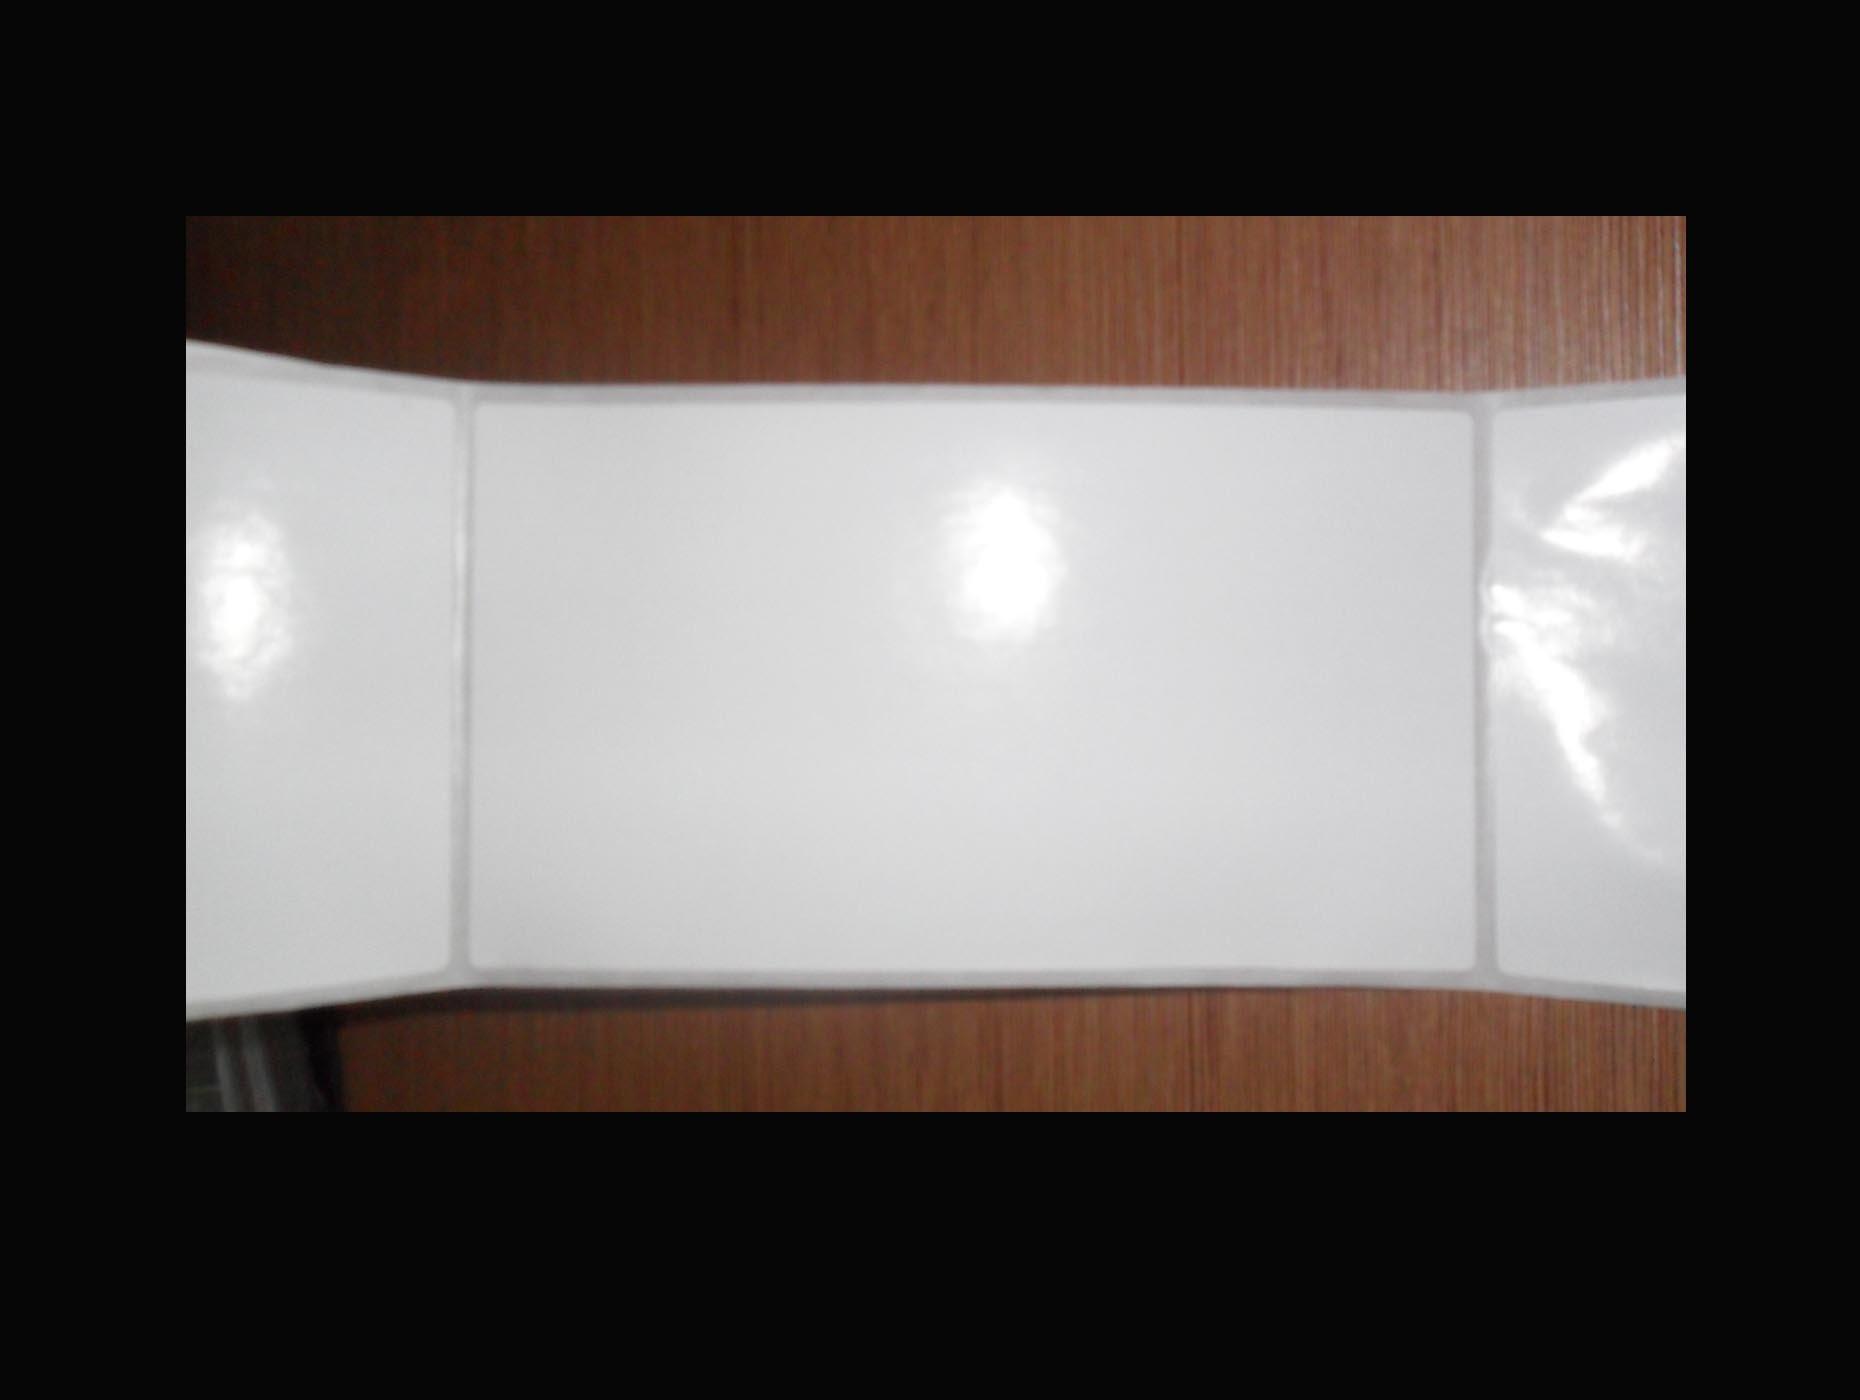 Blank Sticker Description: 1.blank sticker